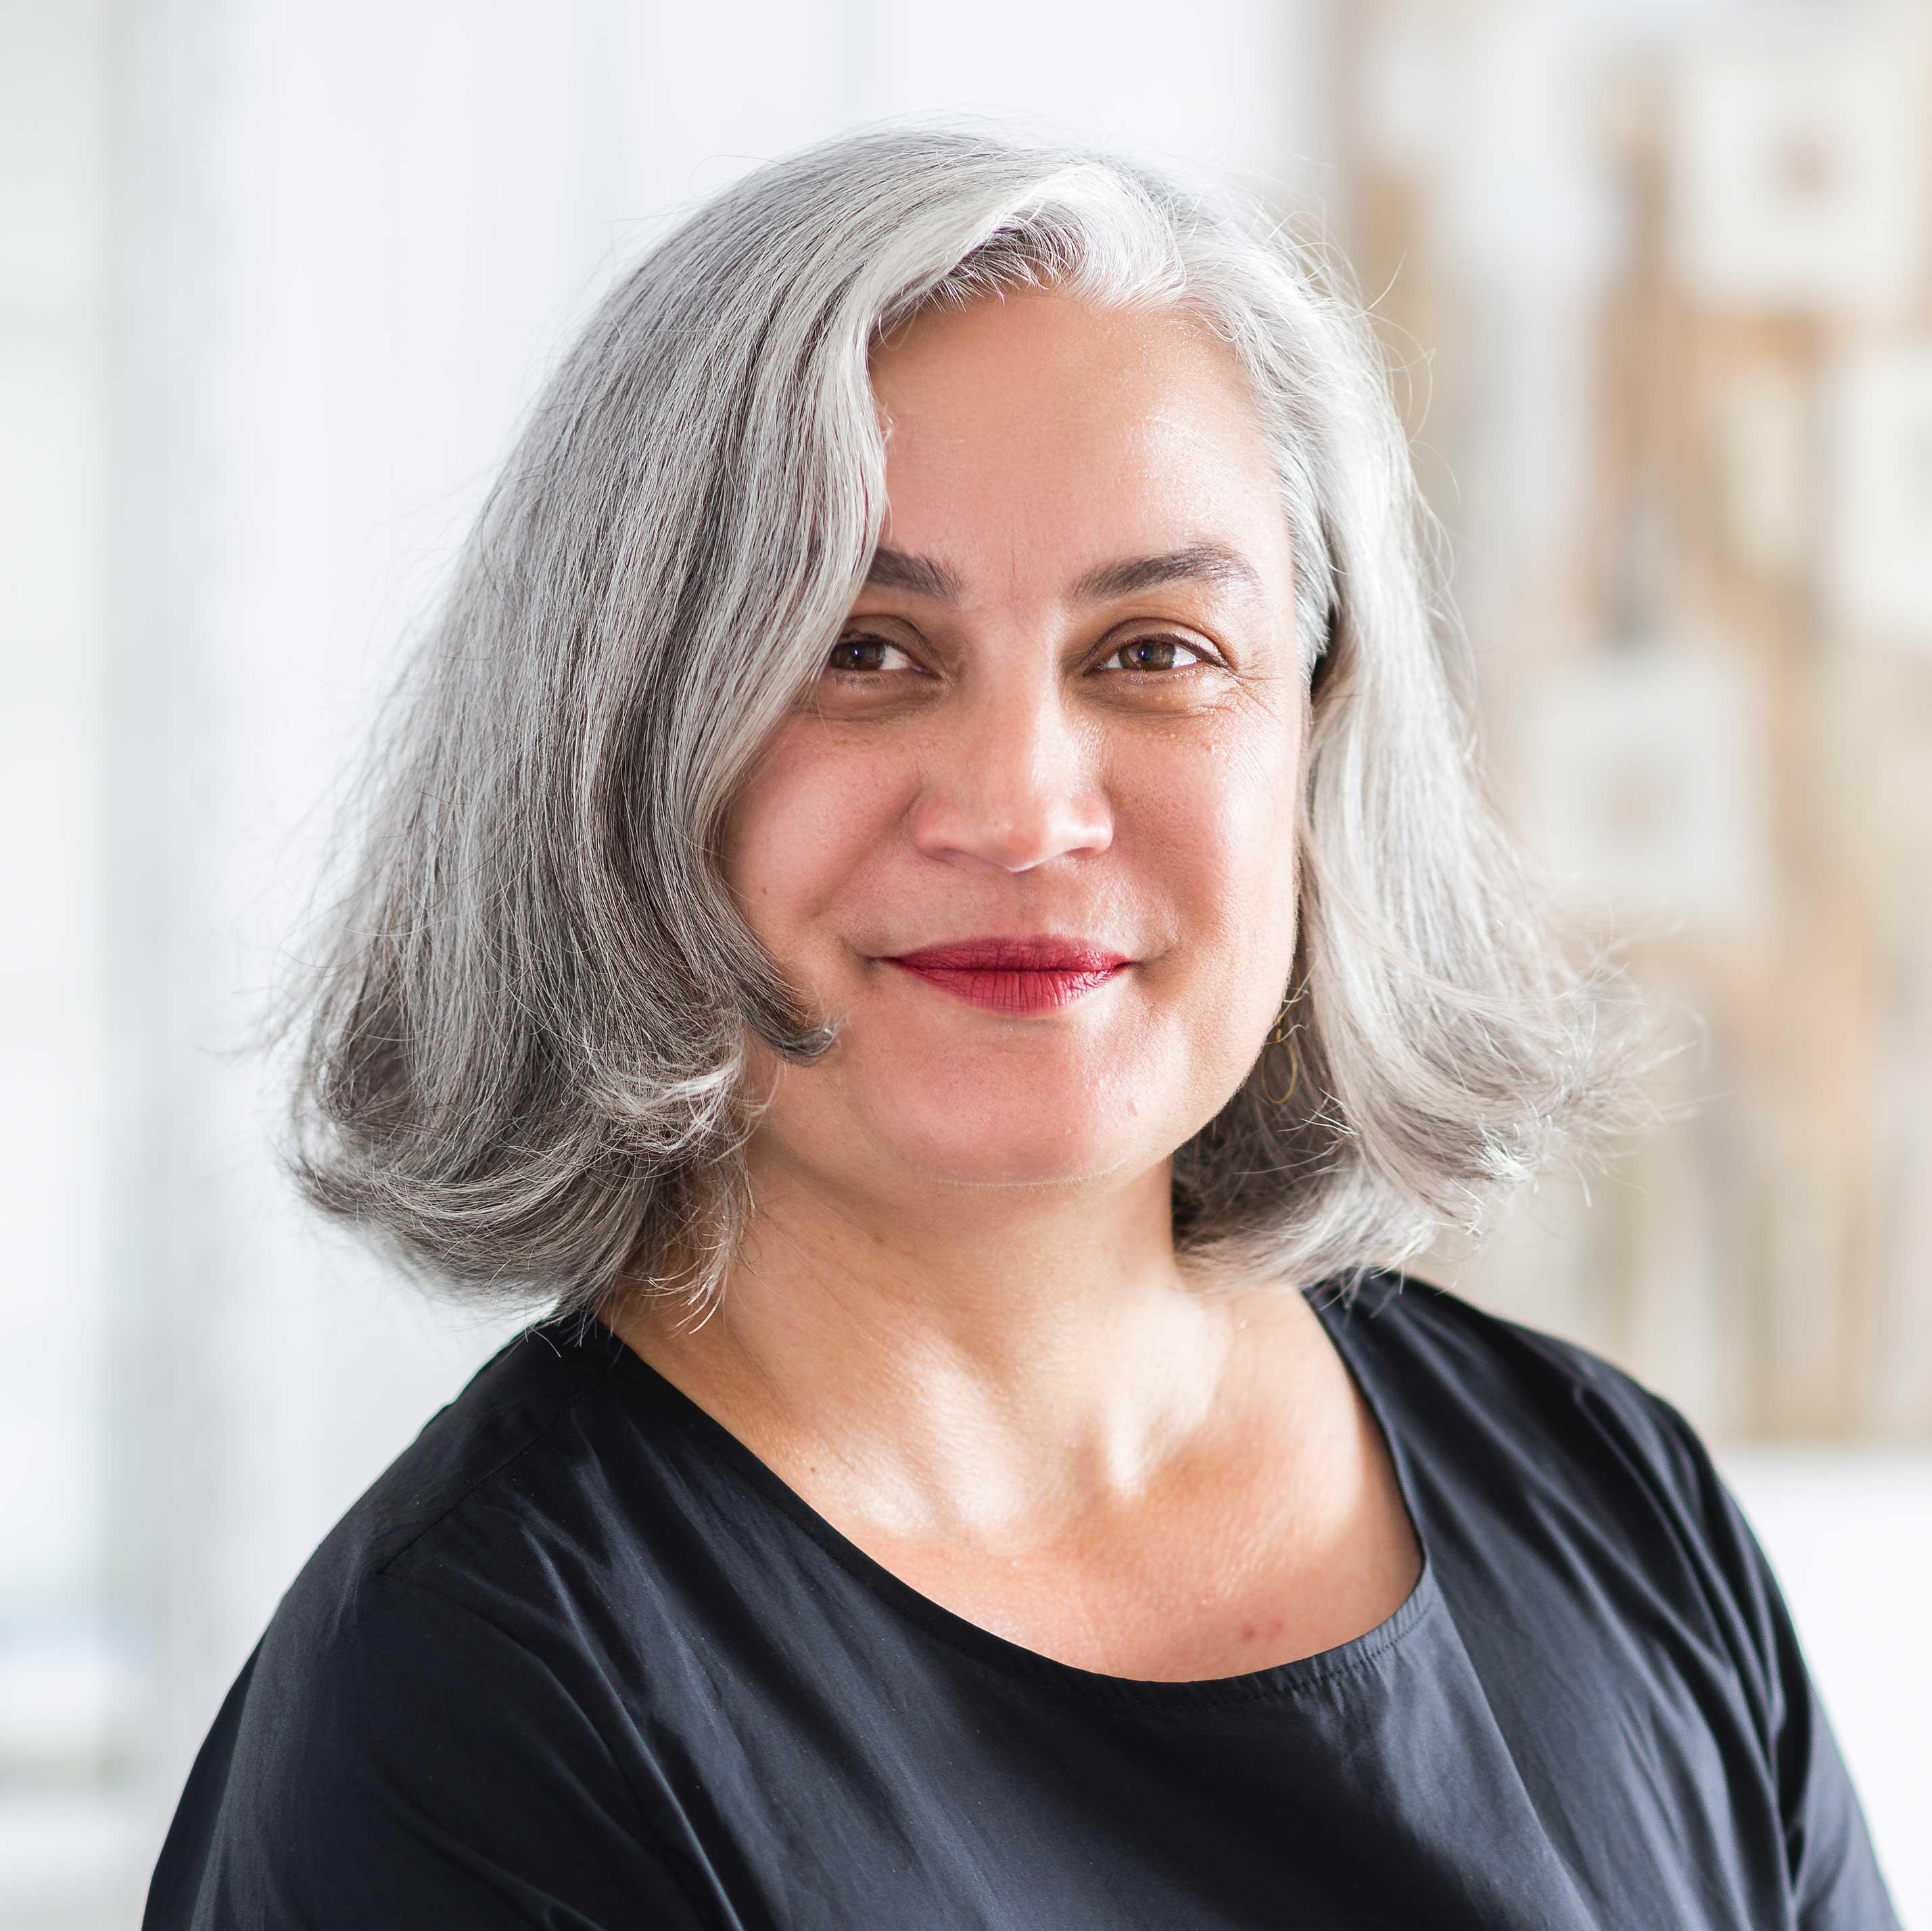 Cécile jousselin, avocat, partenaire